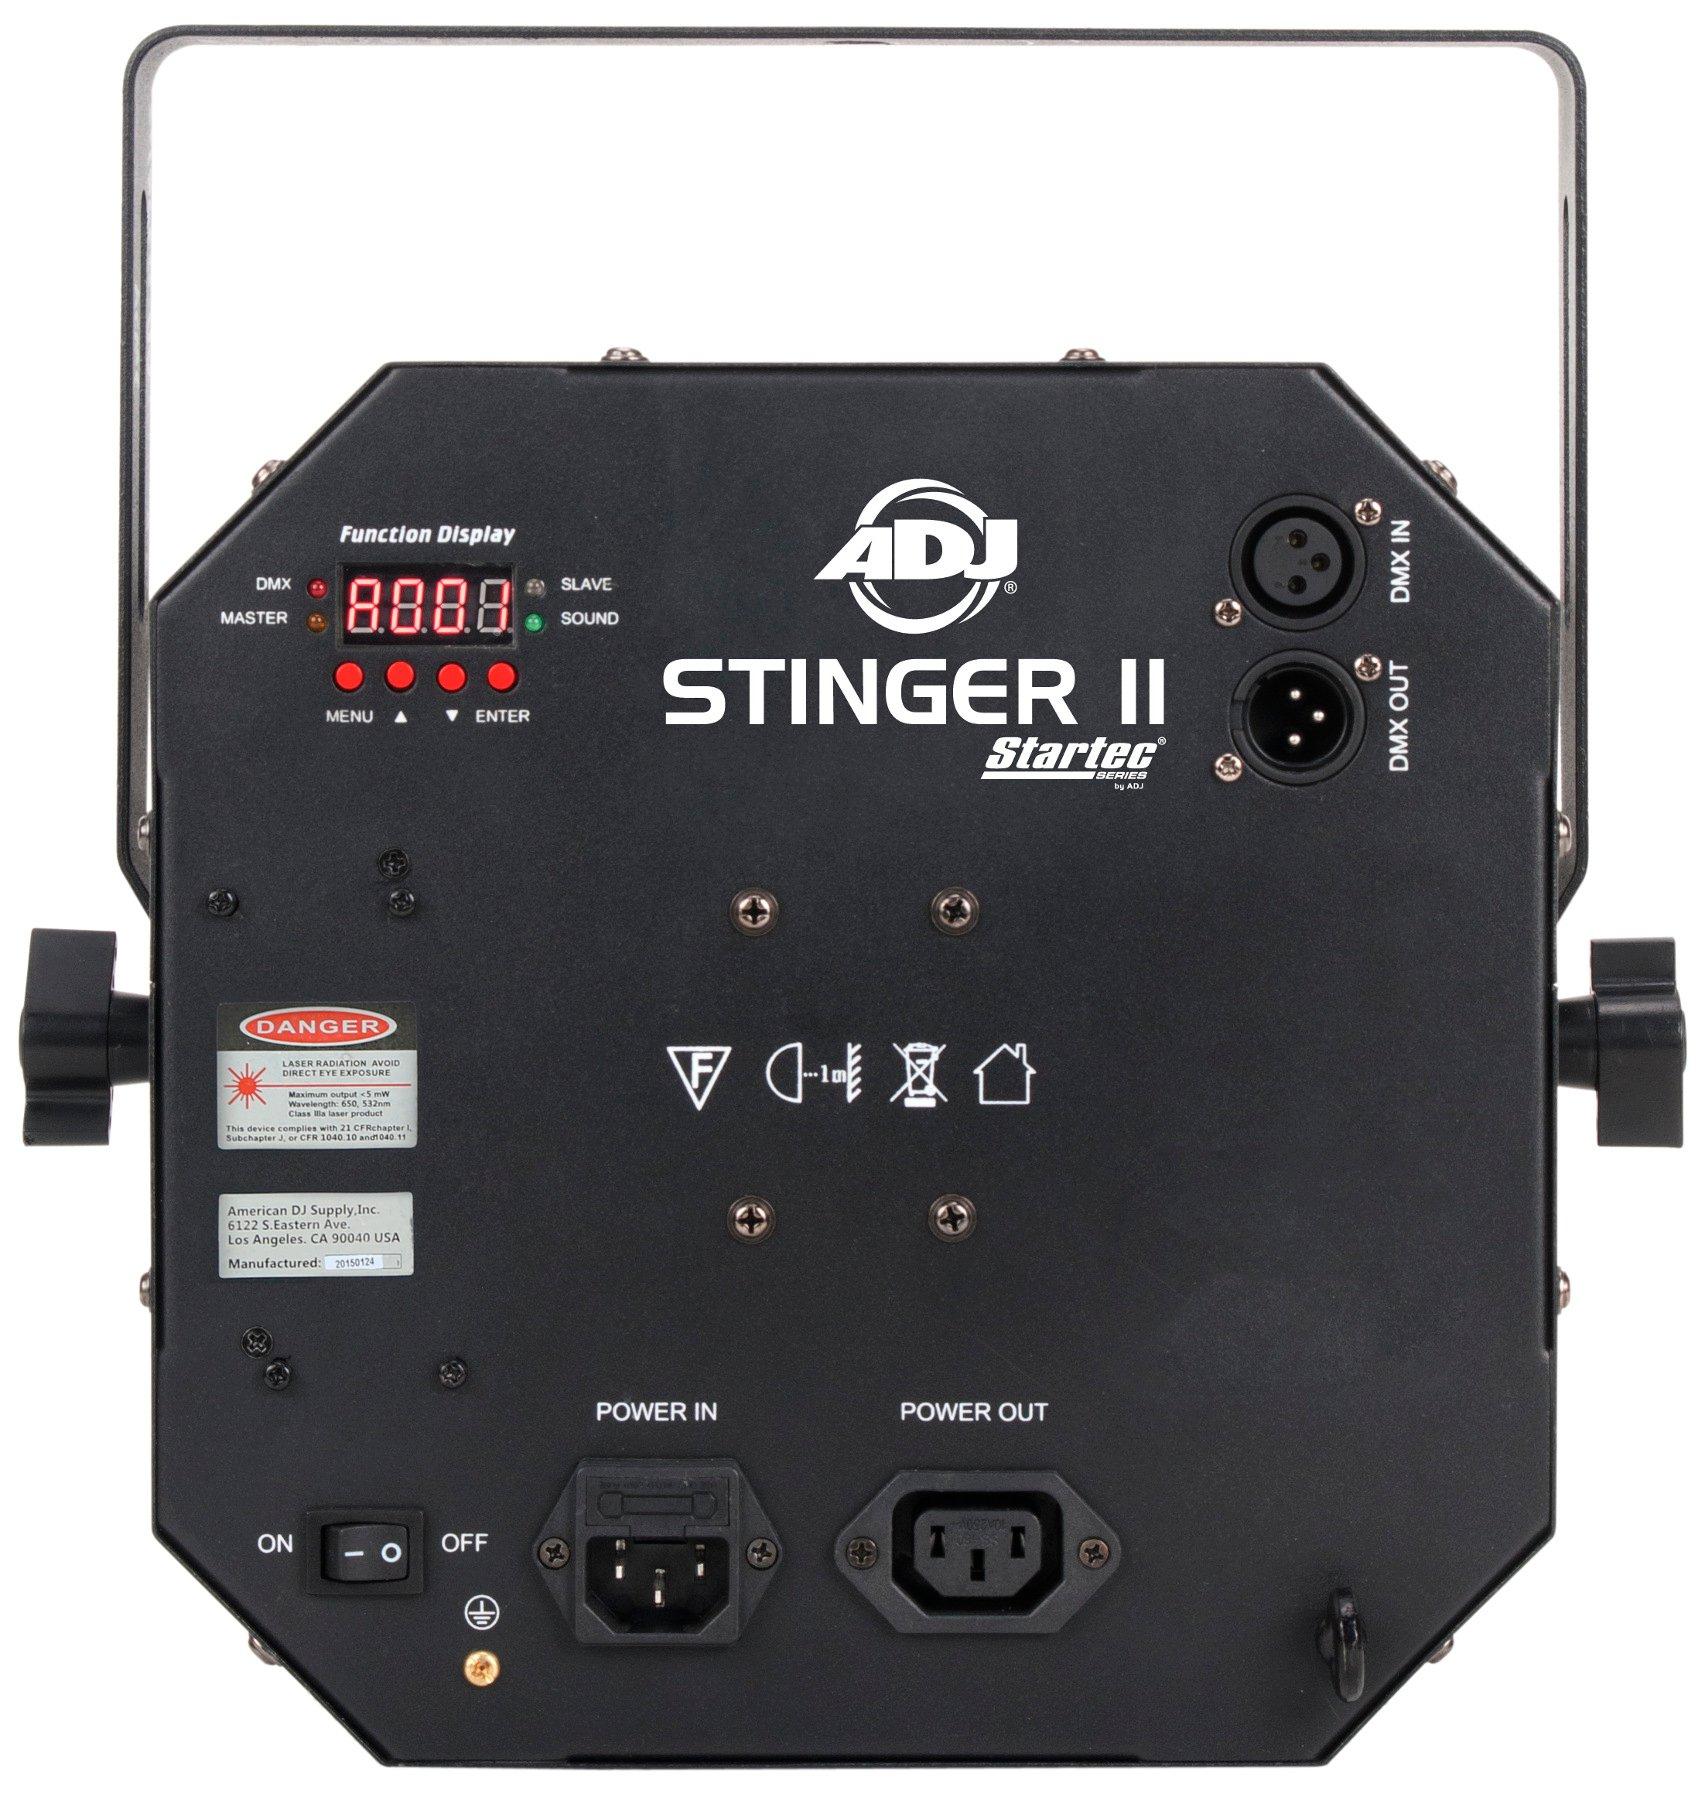 ADJ Stinger II [B-STOCK MODEL] Moonflower Effect with Strobe, Laser, and UV STINGER-II-BSTOCK